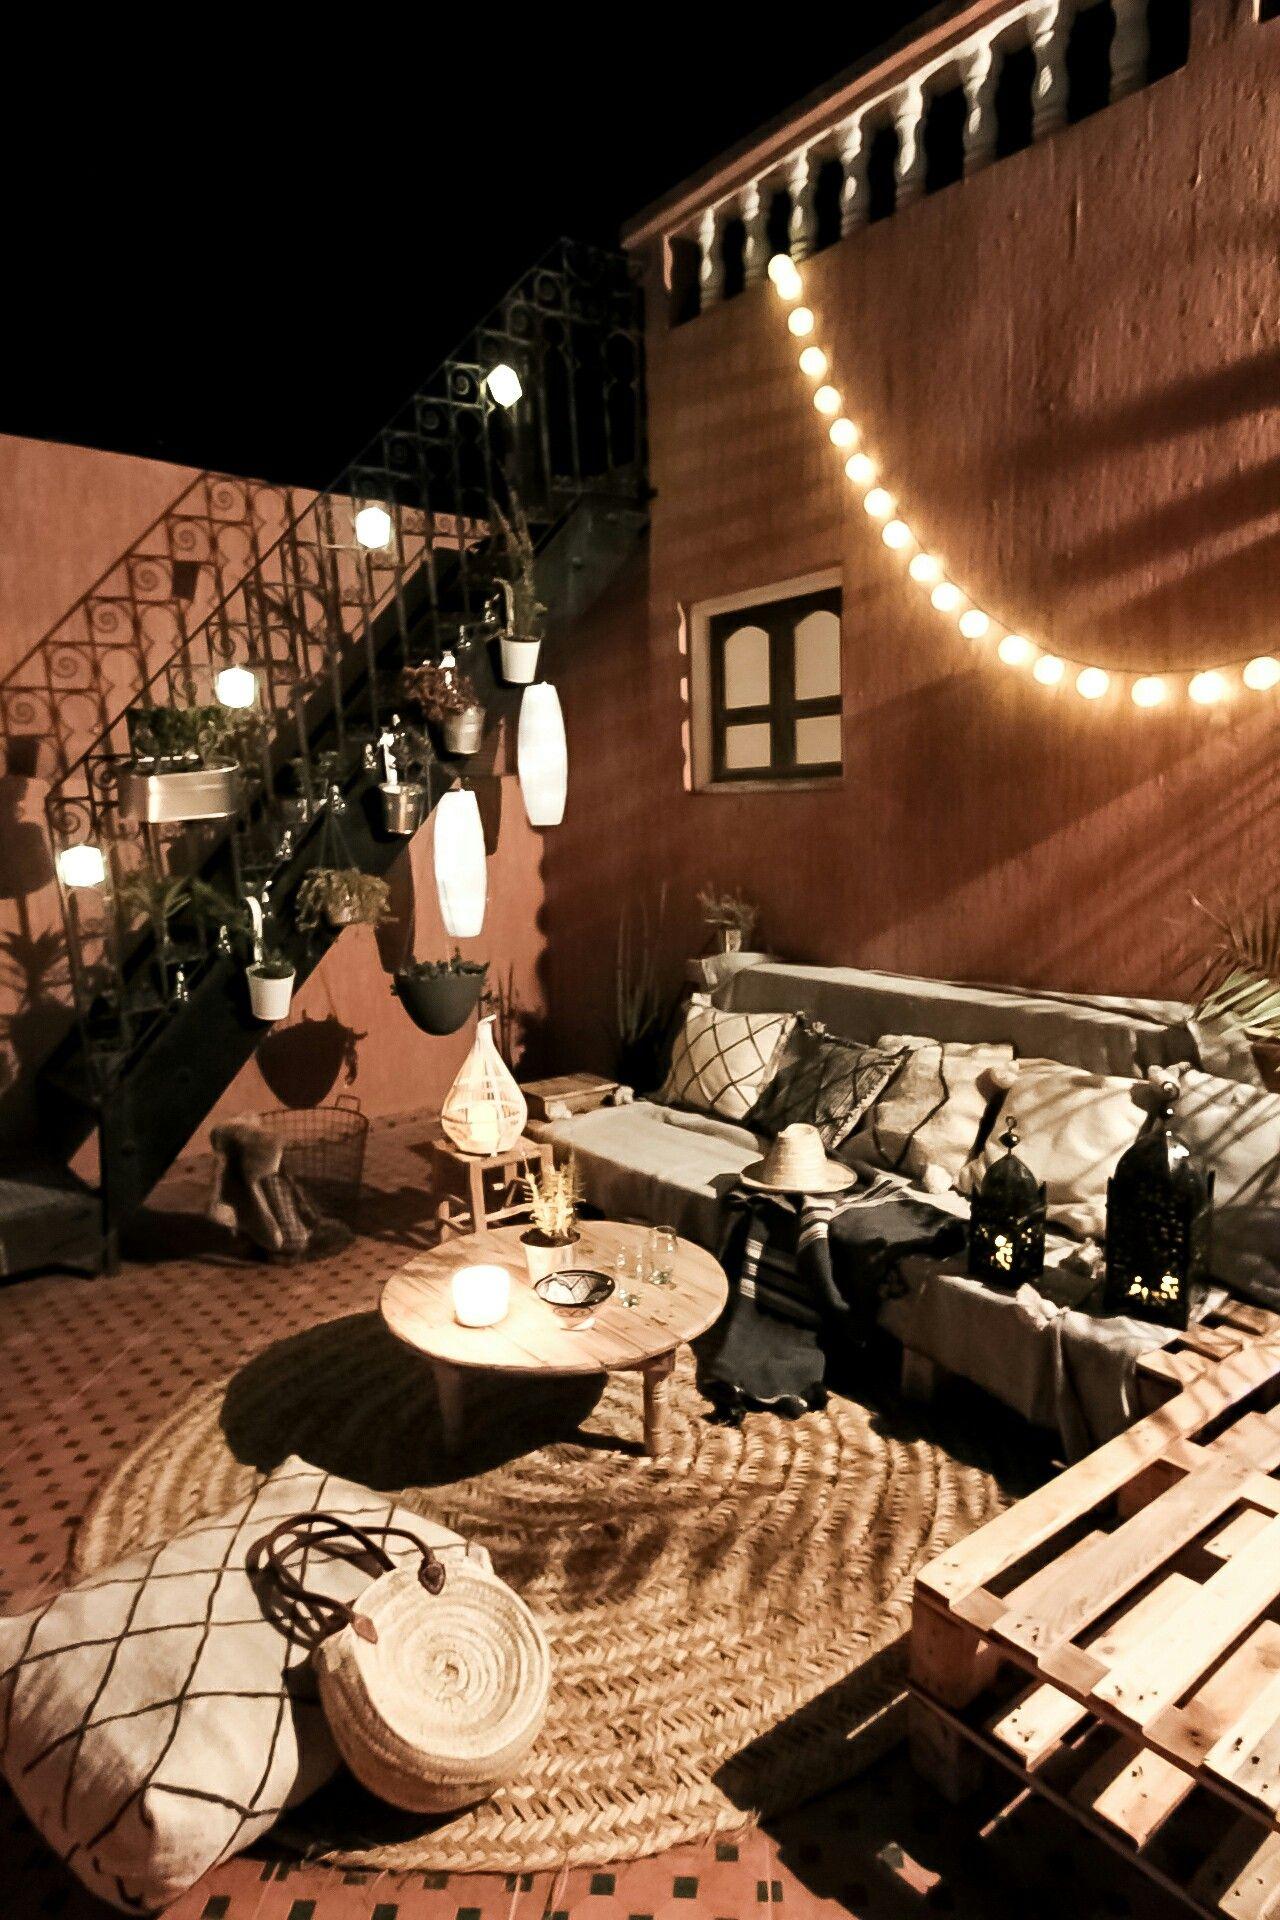 Marrakech Nights Unsere Boho Terrasse Dekoriert Mit Handgemachten Deko Artikeln Von Www Dari Design Com Marokkanische La Terrasse Dekorieren Deko Dekorieren